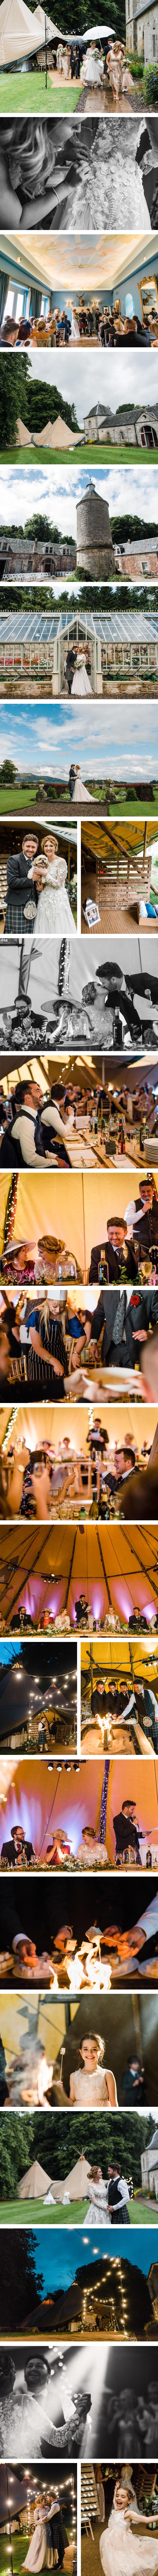 Hollie & Grant's PapaKåta Teepee Wedding